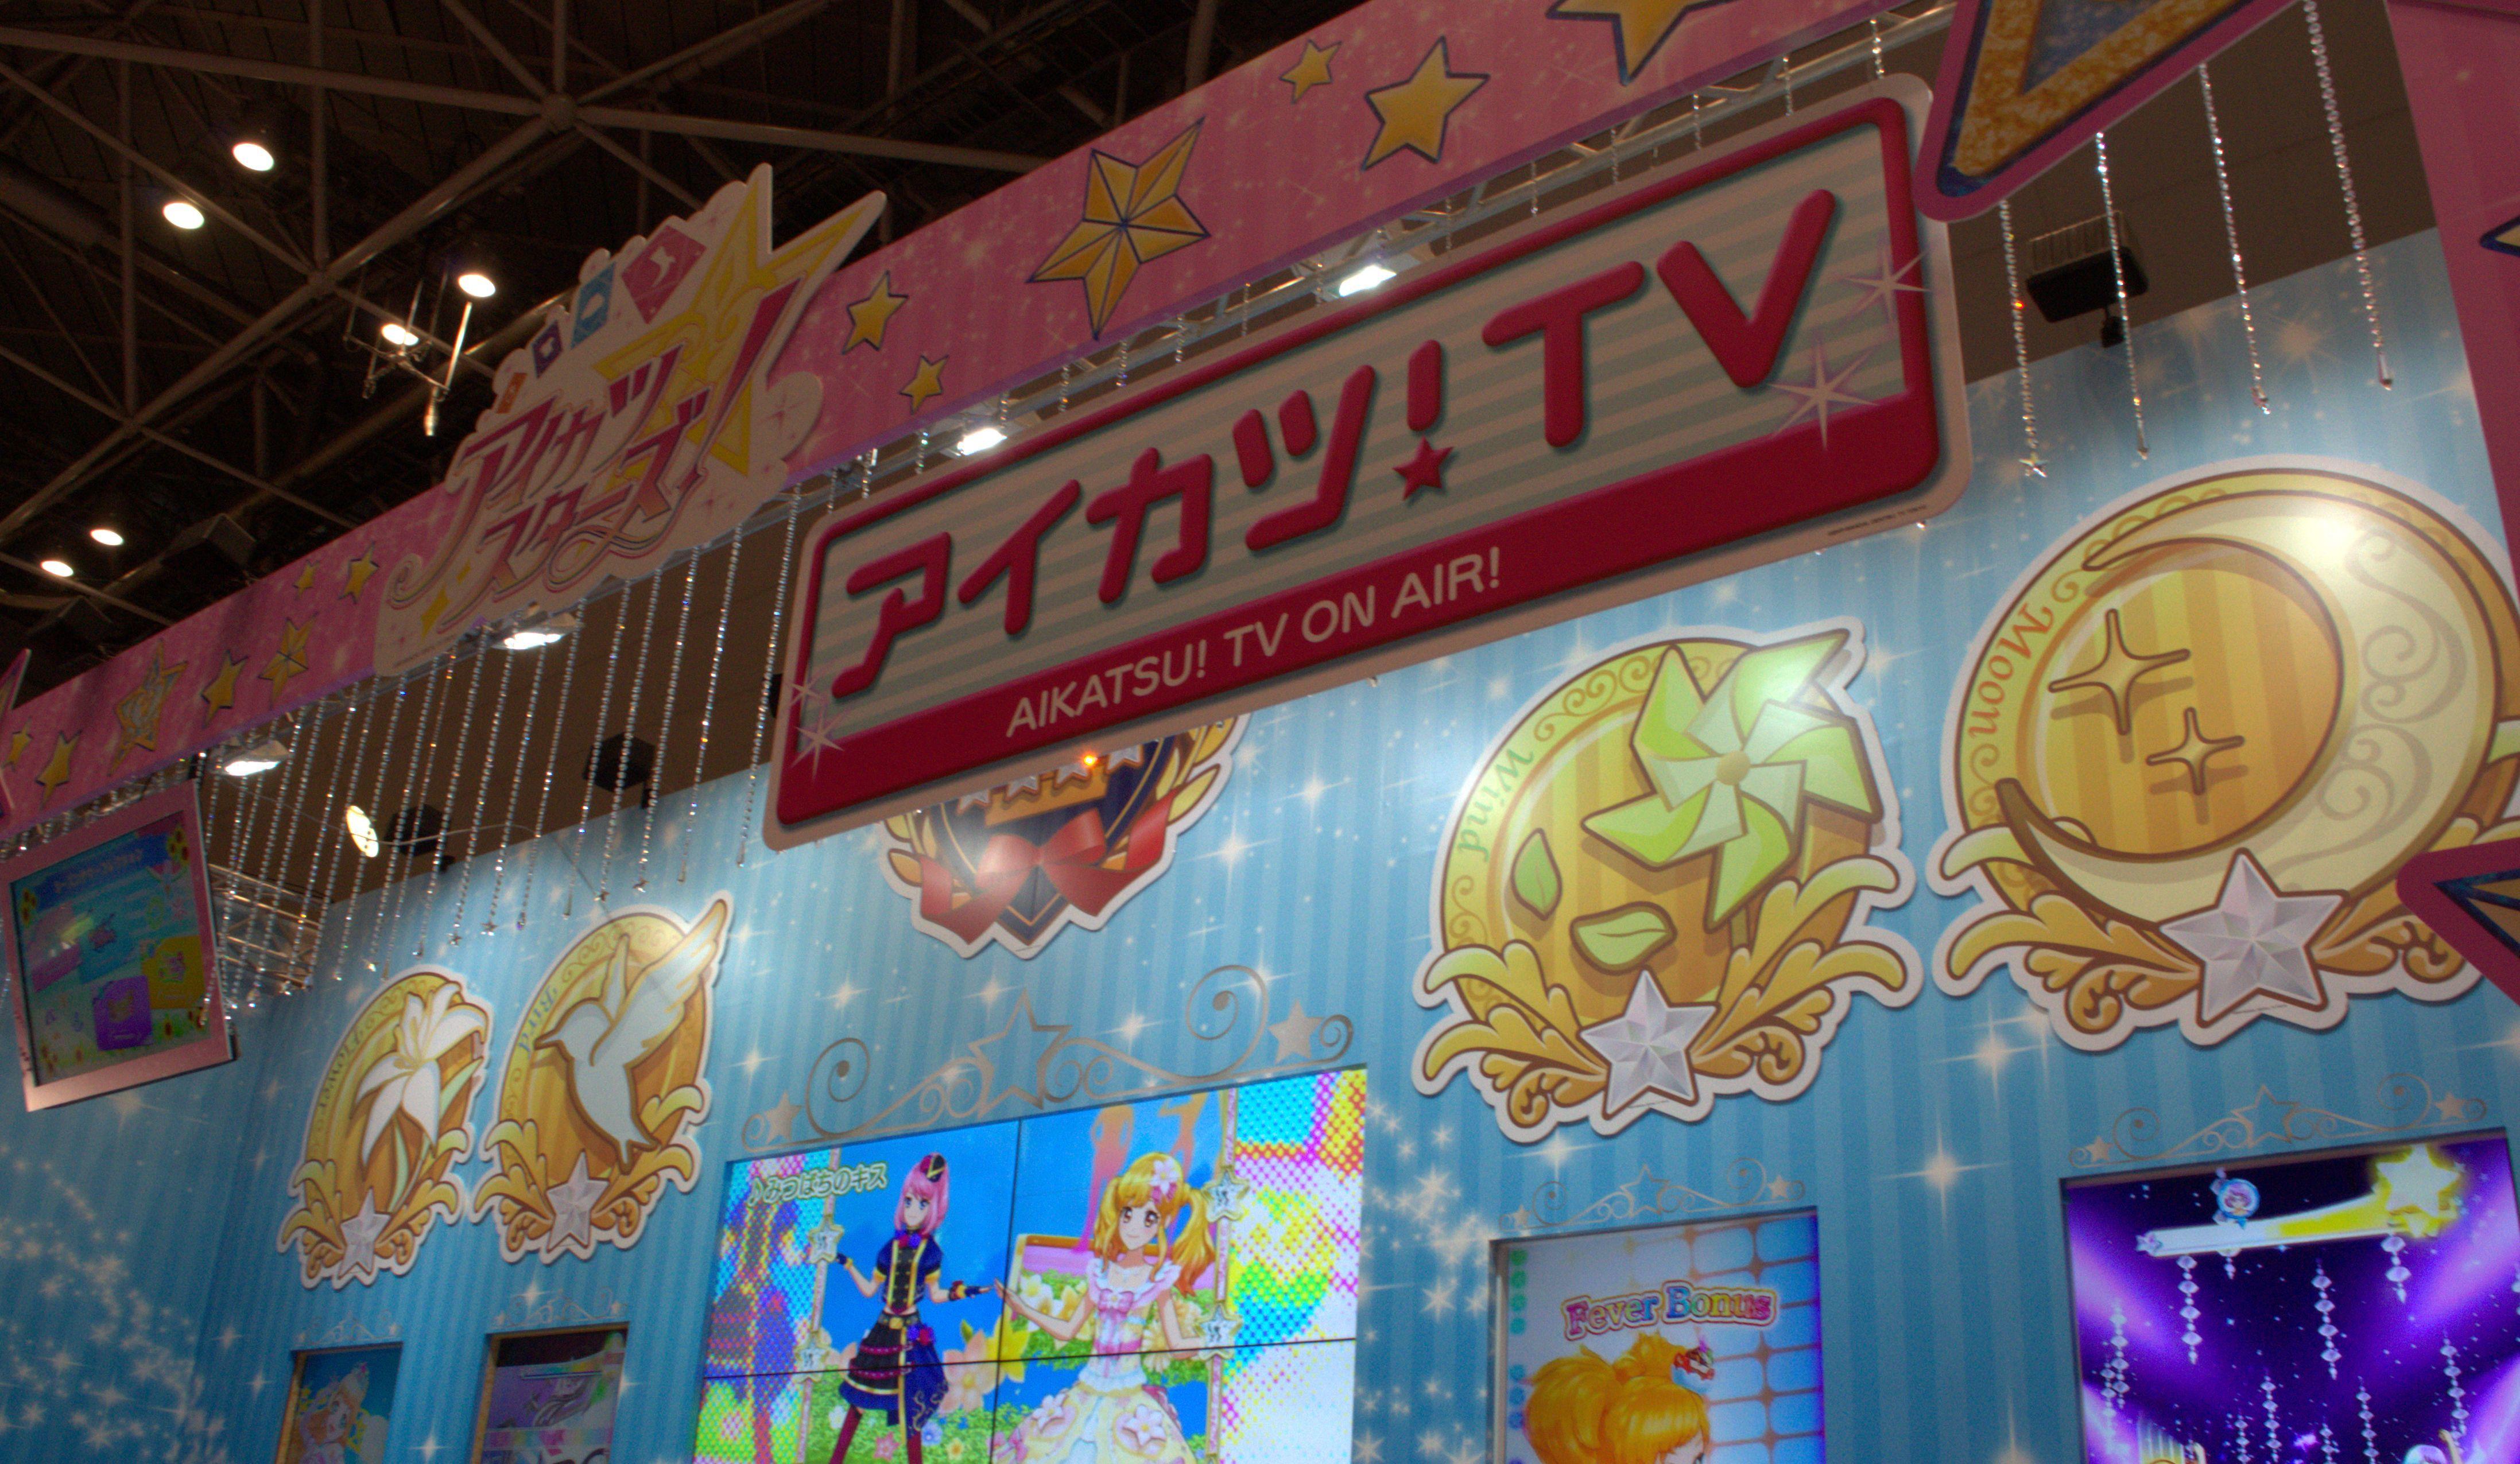 バンダイブース アイカツスターズ! (C)BNP/BANDAI, DENTSU, TV TOKYO